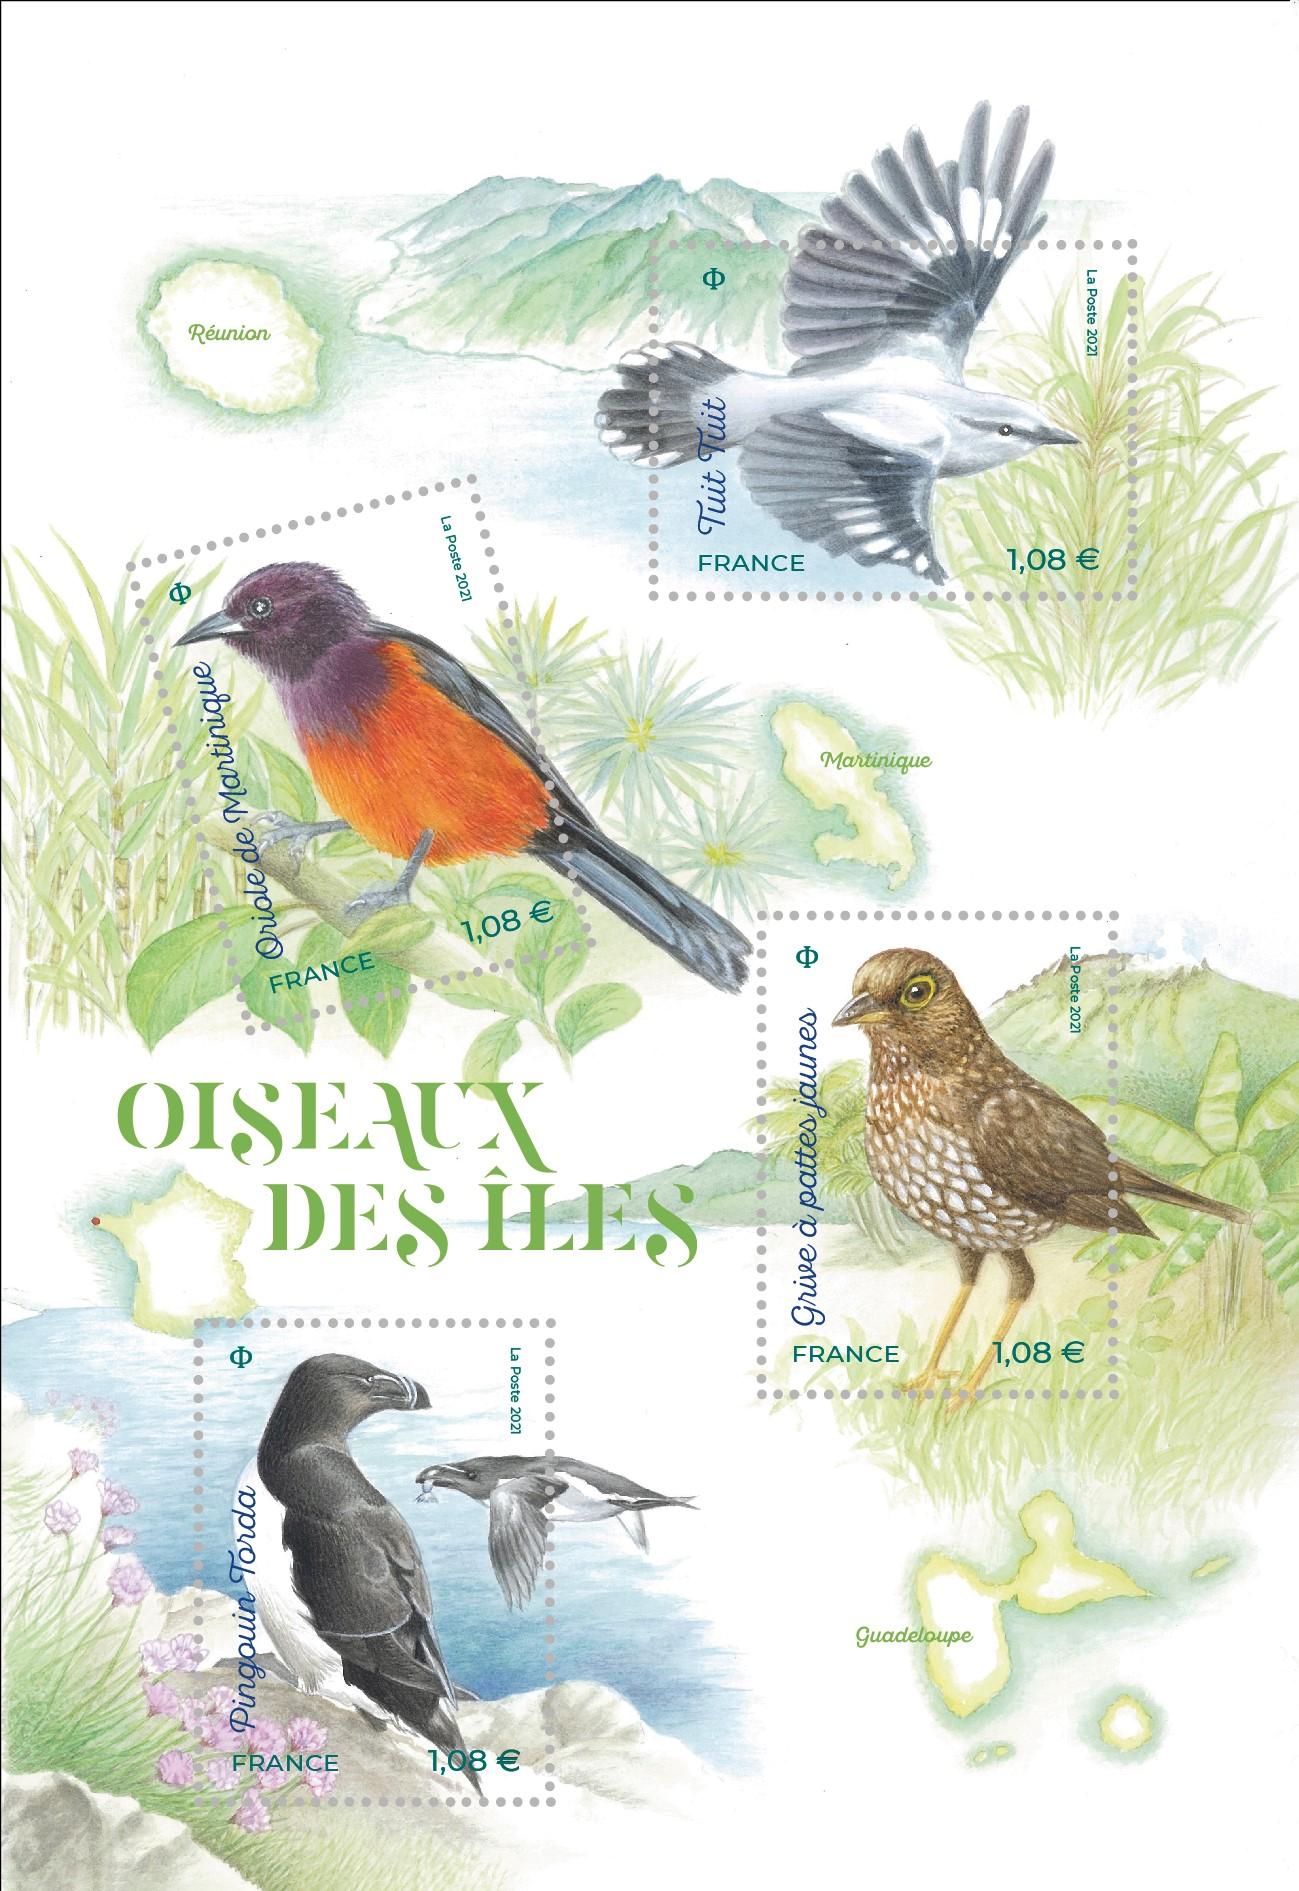 Oiseaux des îles